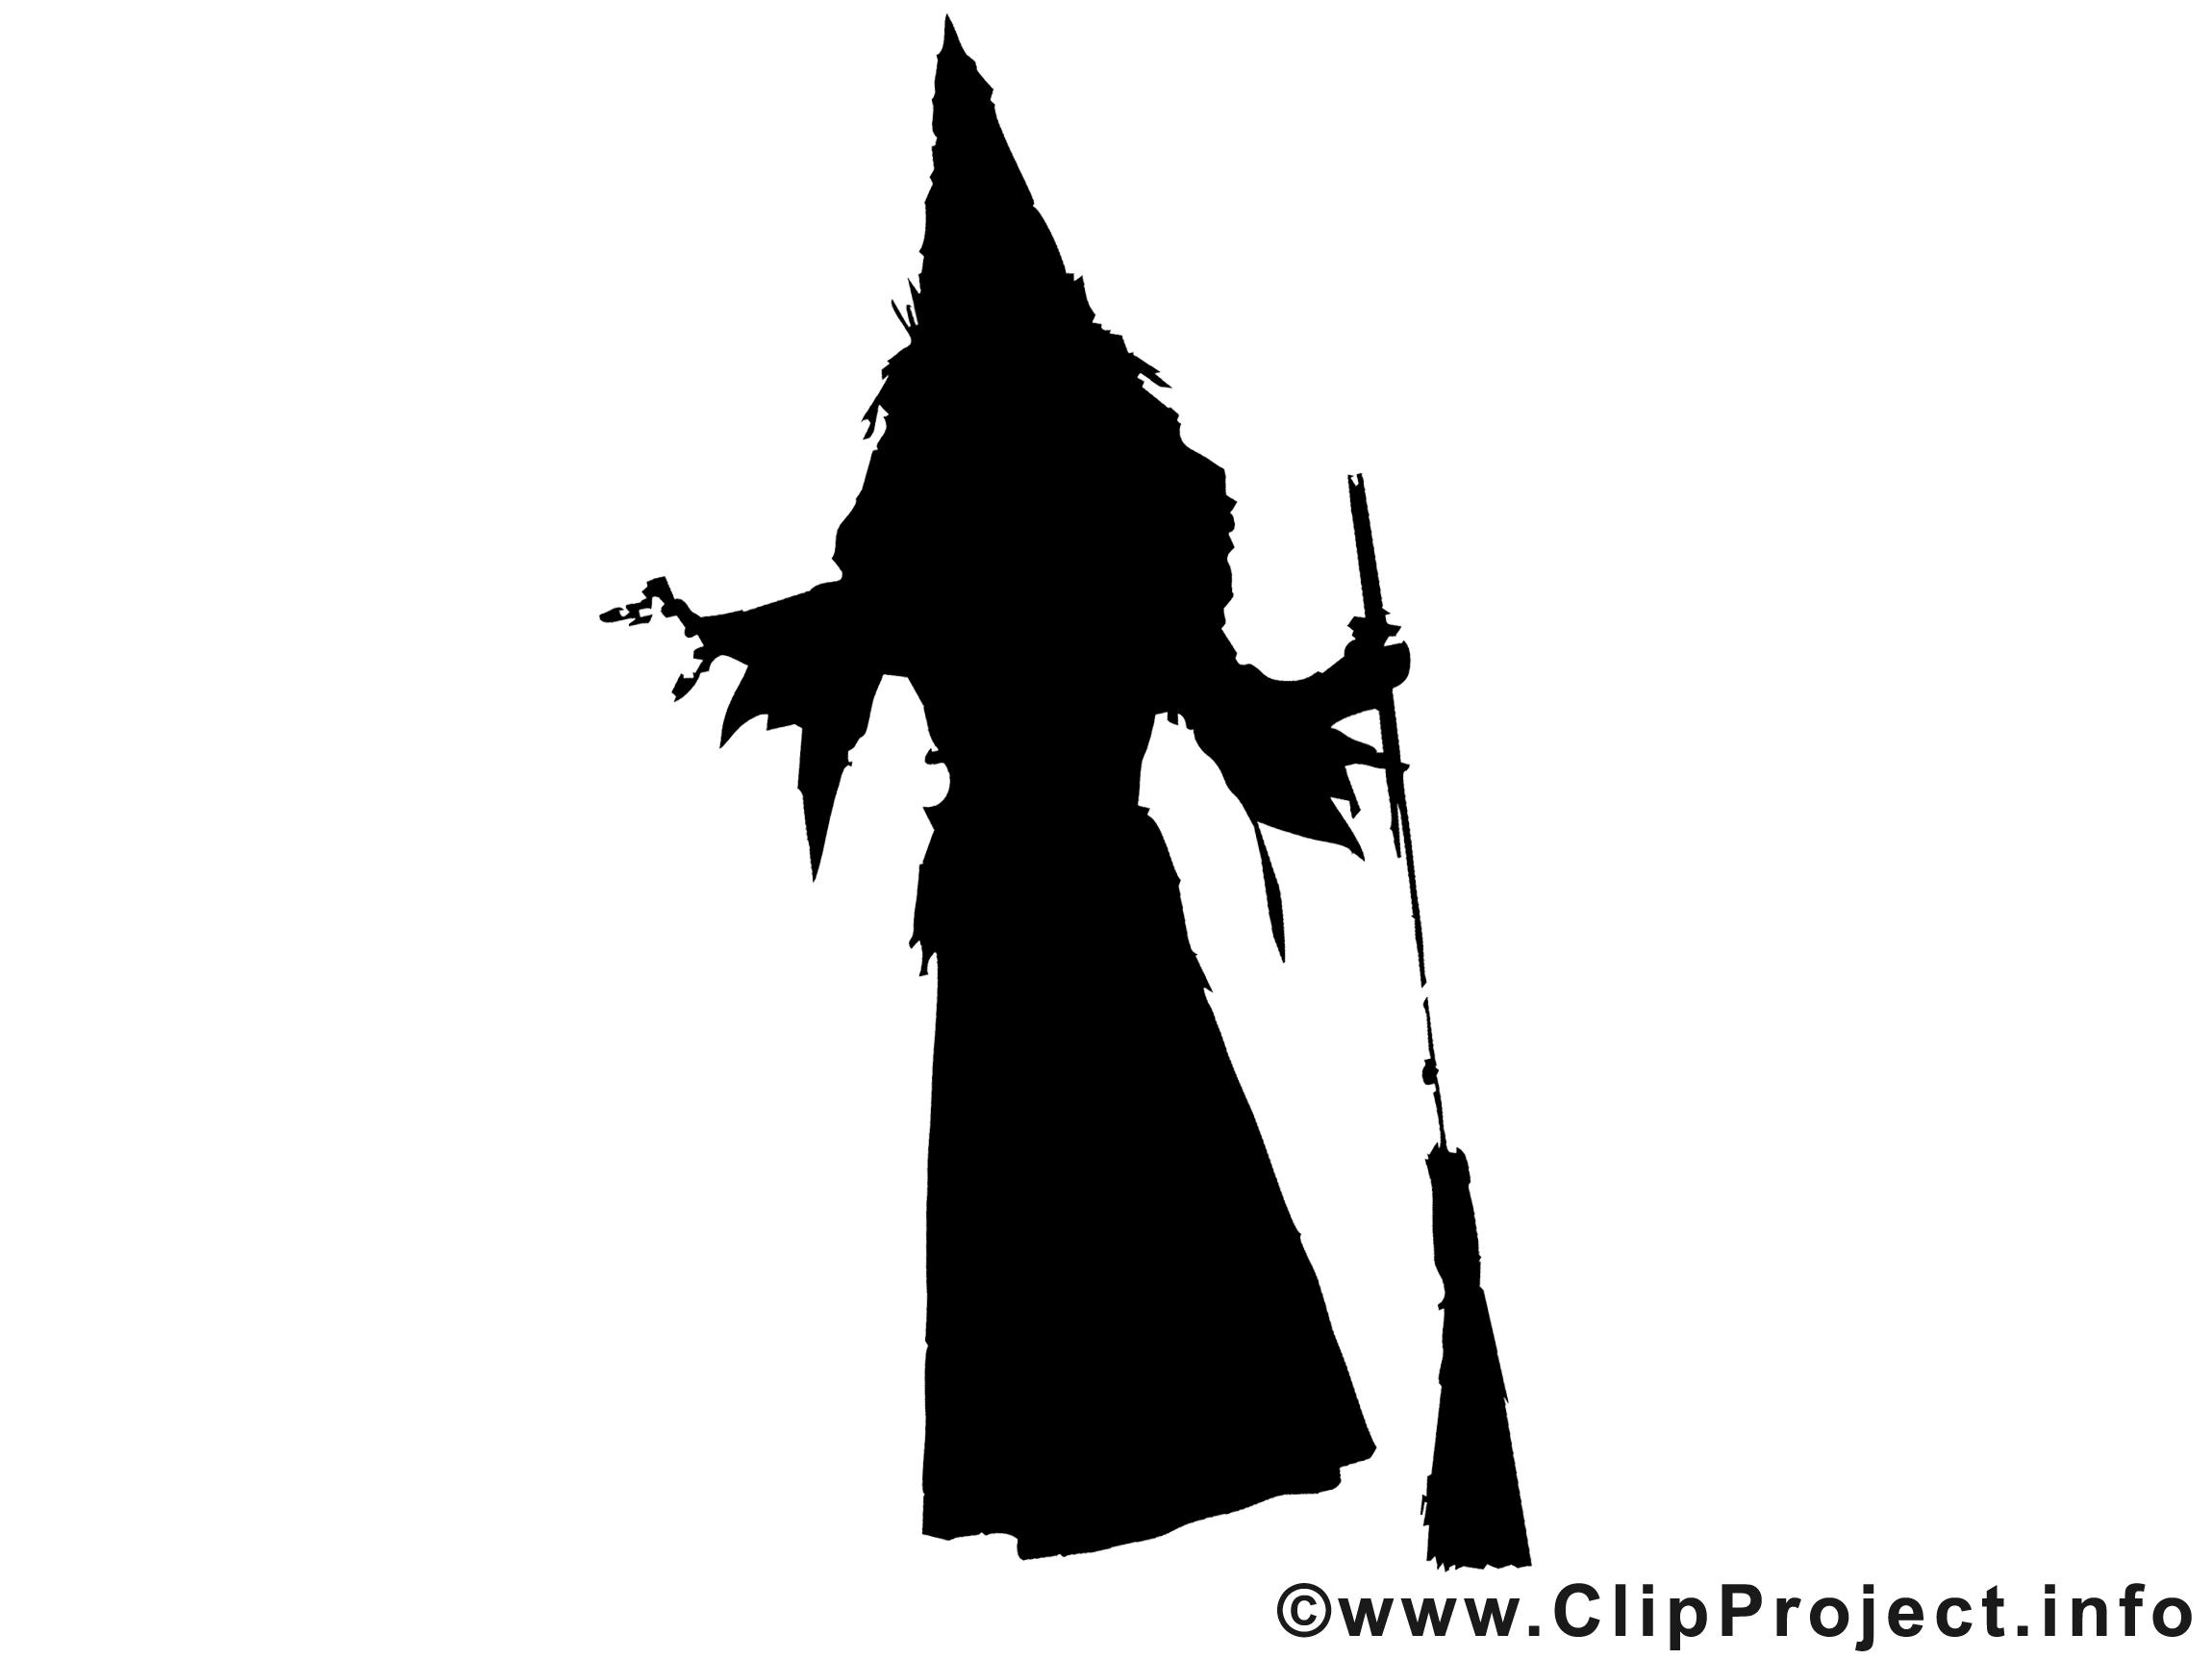 Einladung clipart schwarz wei jpg transparent Hexe clipart schwarz weiß - ClipartFest jpg transparent